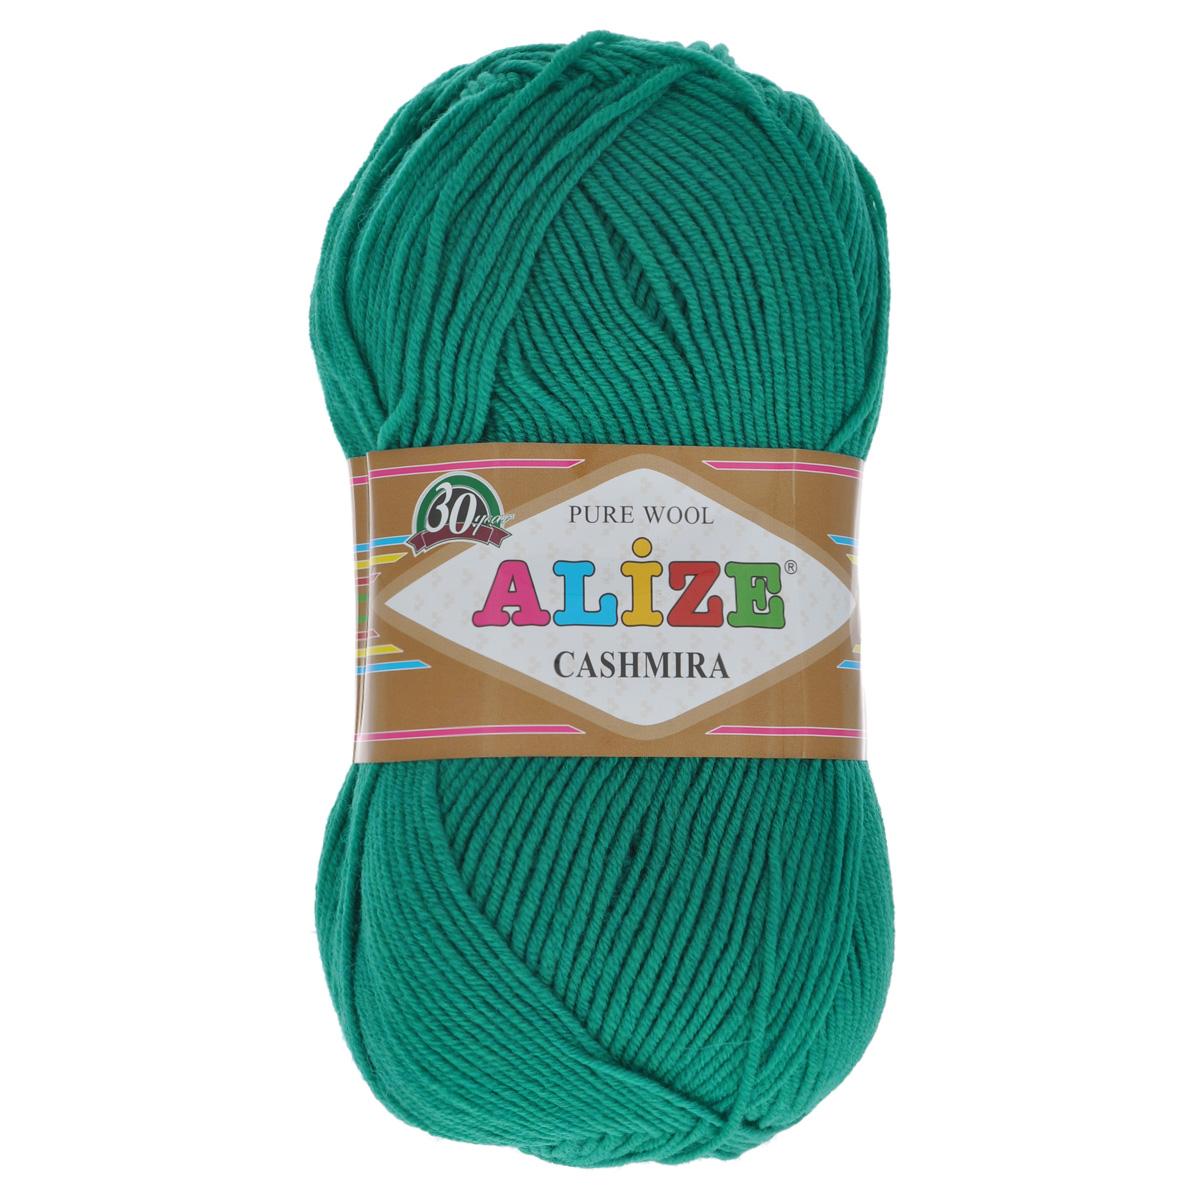 Пряжа для вязания Alize Cashmira, цвет: изумрудный (20), 300 м, 100 г, 5 шт364009_20Пряжа для вязания Alize Cashmira изготовлена из 100% шерсти. Пряжа упругая, эластичная, тёплая, уютная и не колется, что очень подходит для детей. Тоненькая нитка прекрасно подойдет для вязки демисезонных вещей. Пряжа легко распускается и перевязывается несколько раз, не деформируясь и не влияя на вид изделия. Натуральная шерстяная нить, обеспечивает изделию прекрасную форму. Рекомендуется ручная стирка при температуре 30 °C. Рекомендованные спицы № 3-5, крючок № 2-4.